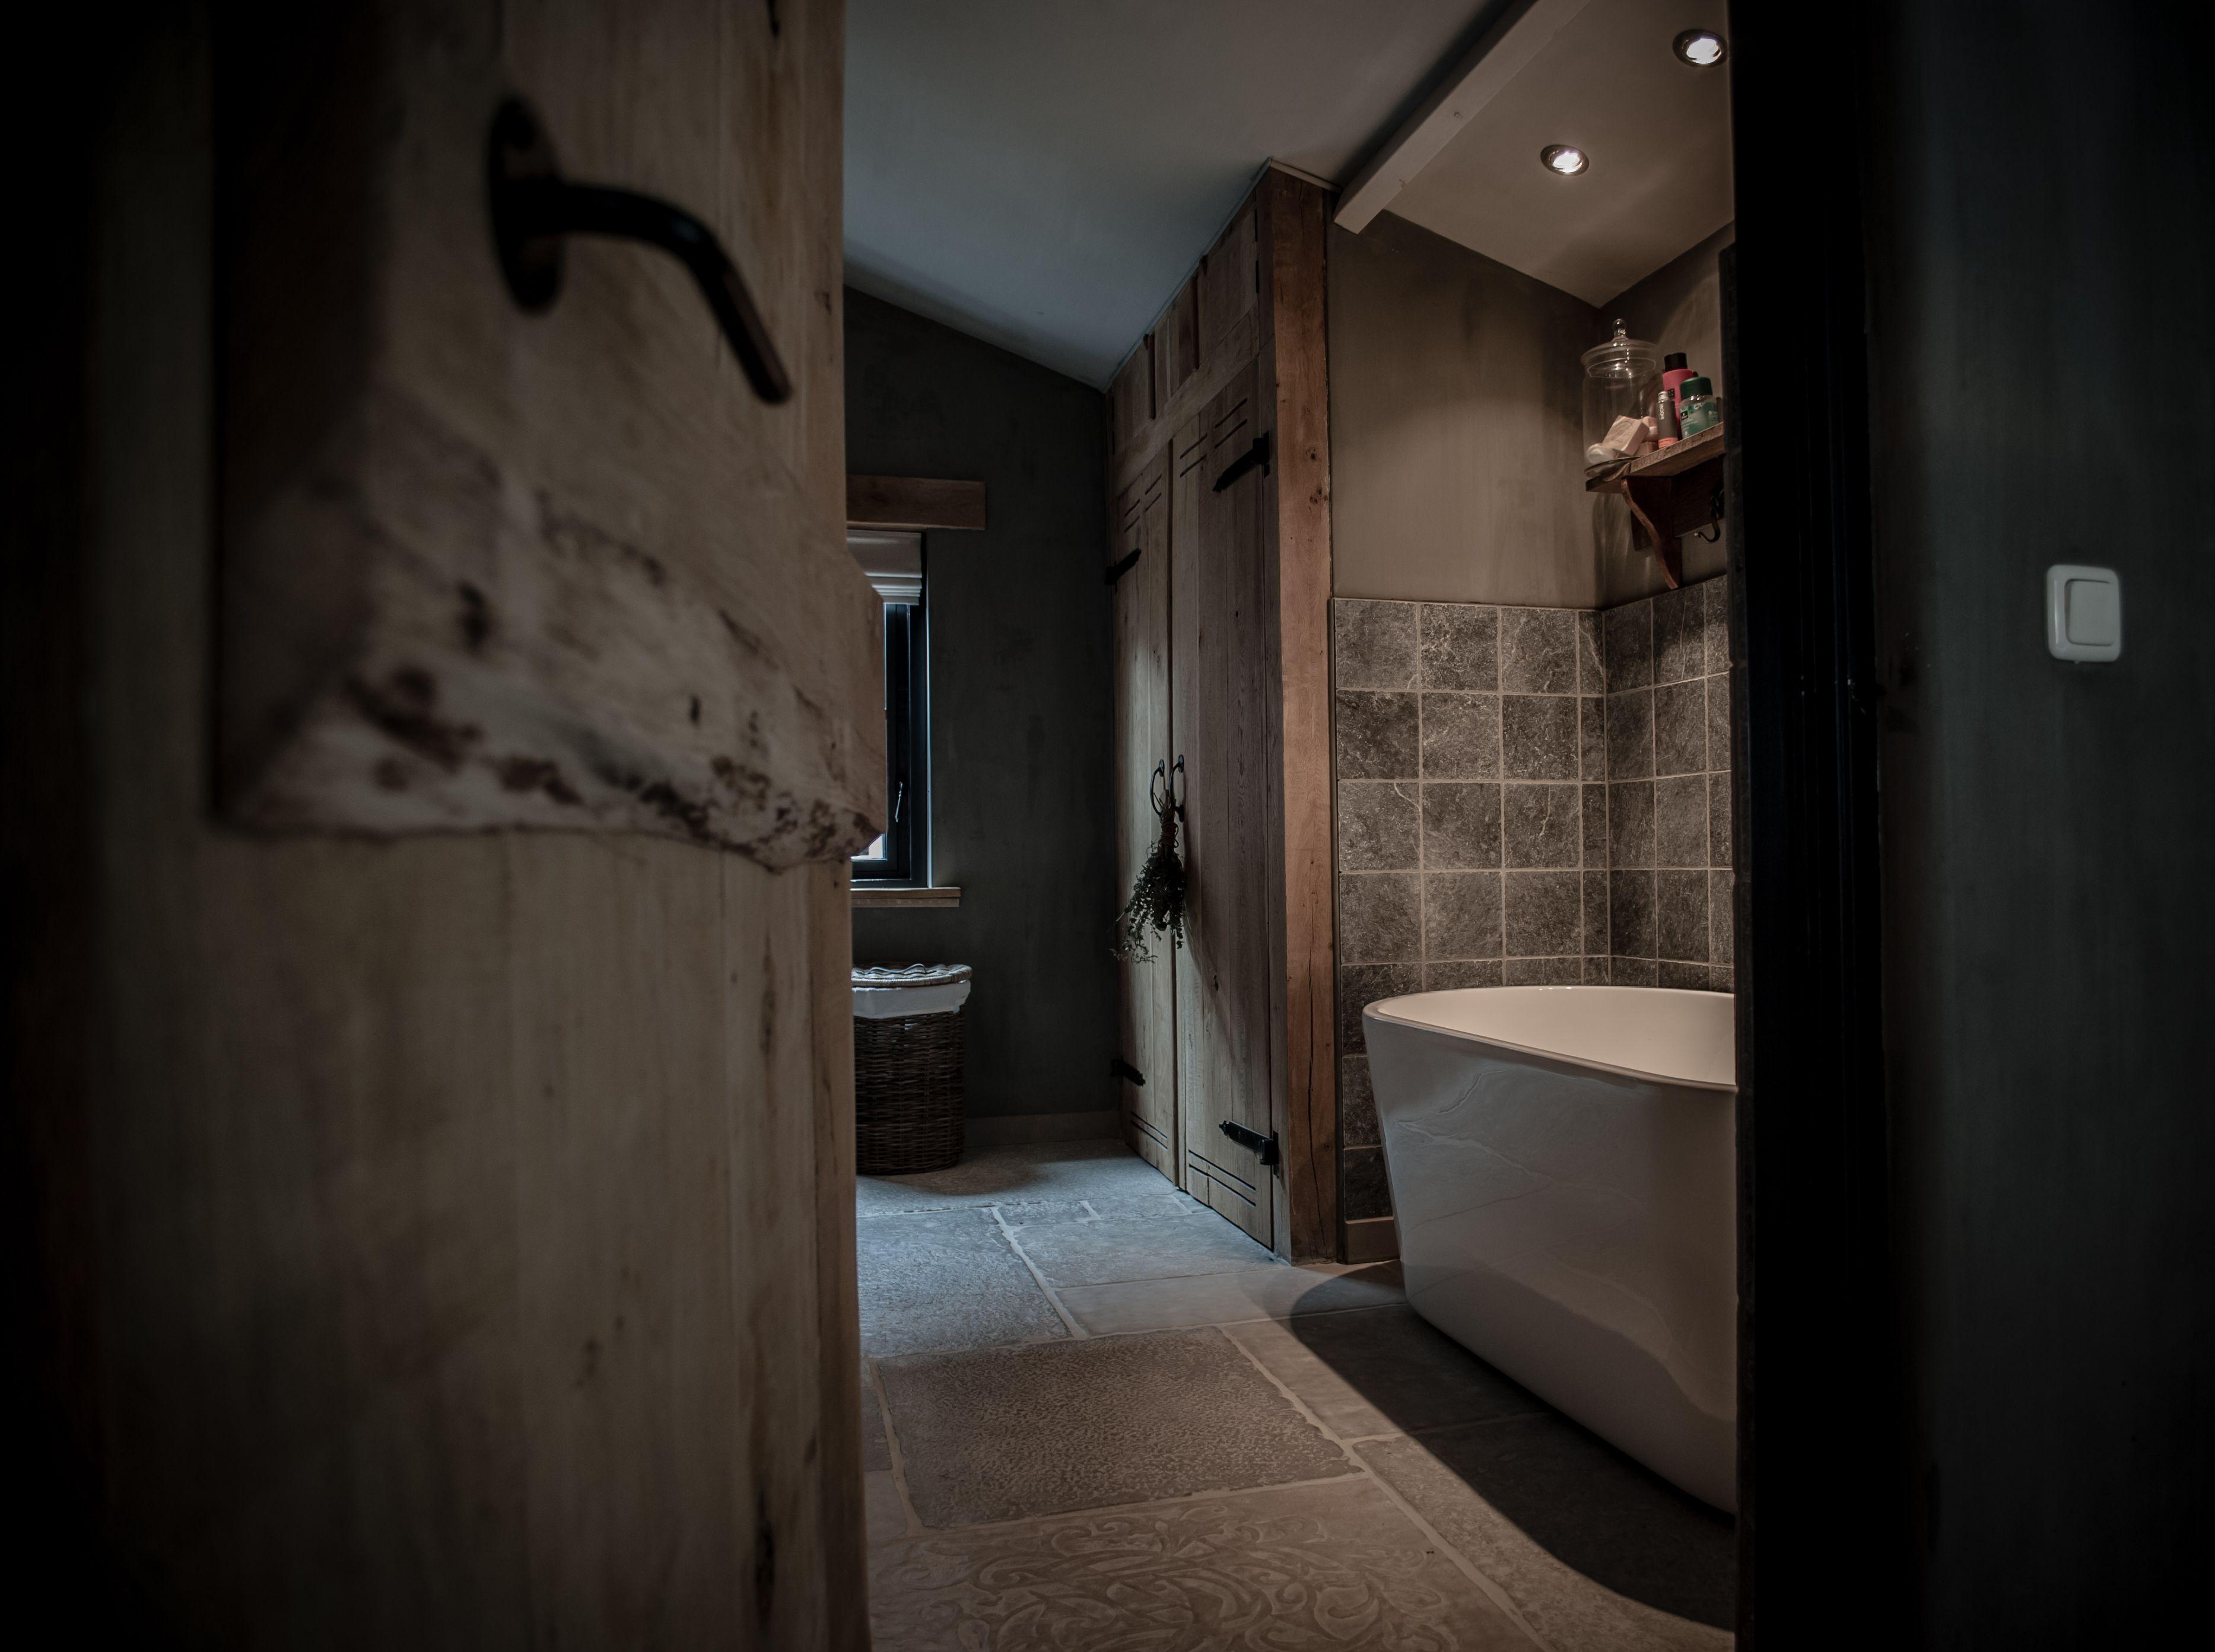 Landelijke badkamer met een hoffz inrichting badkamer pinterest badkamer donker en - Donker mozaieken badkamer ...